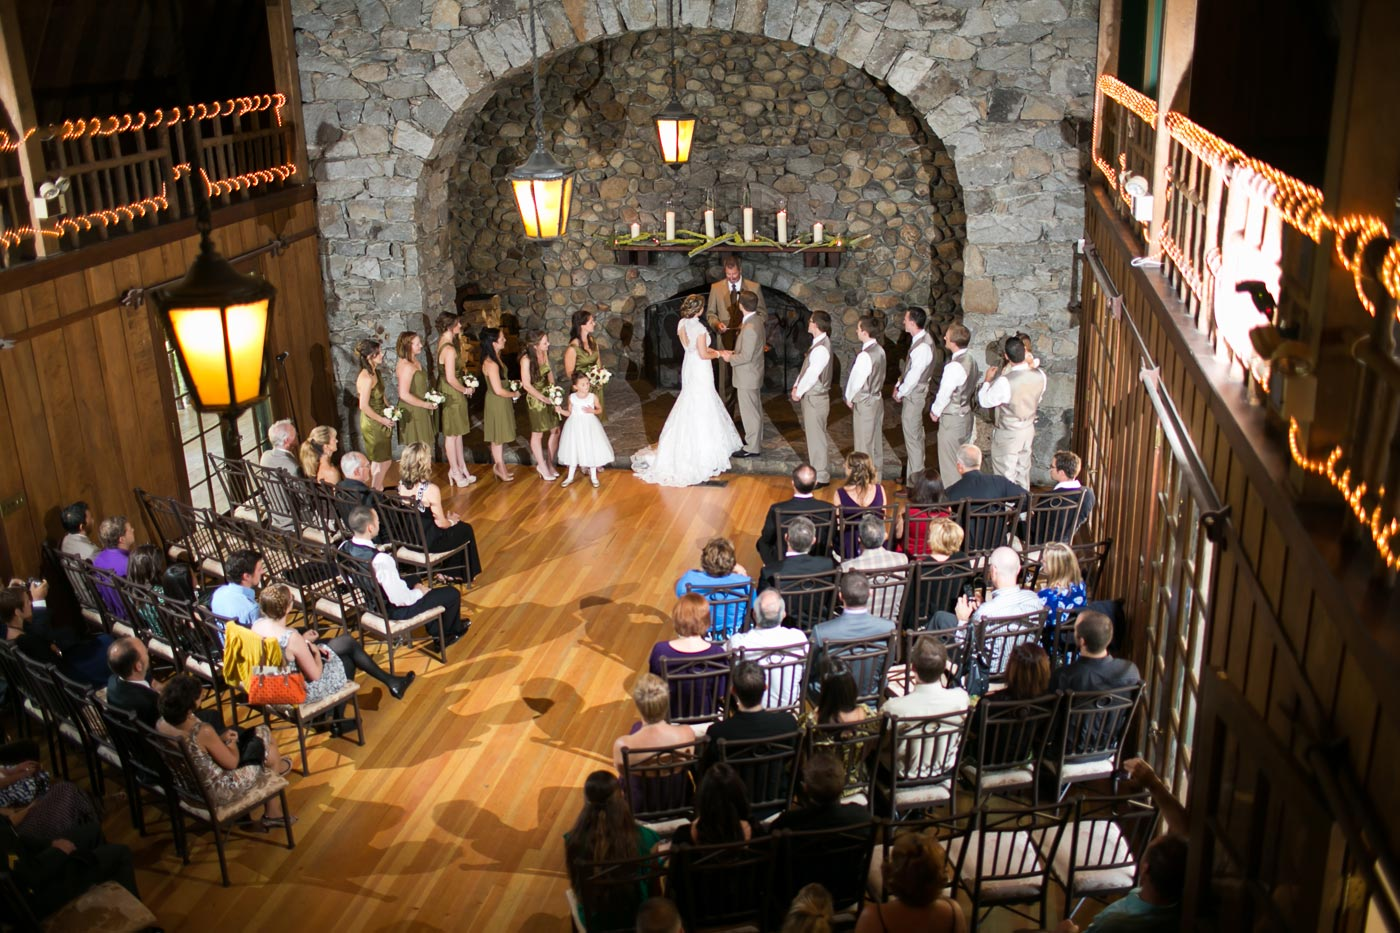 San Francisco Wedding Photographer Sacramento Wedding Photographer Modesto Wedding Photographer Bogdan Condor Photography